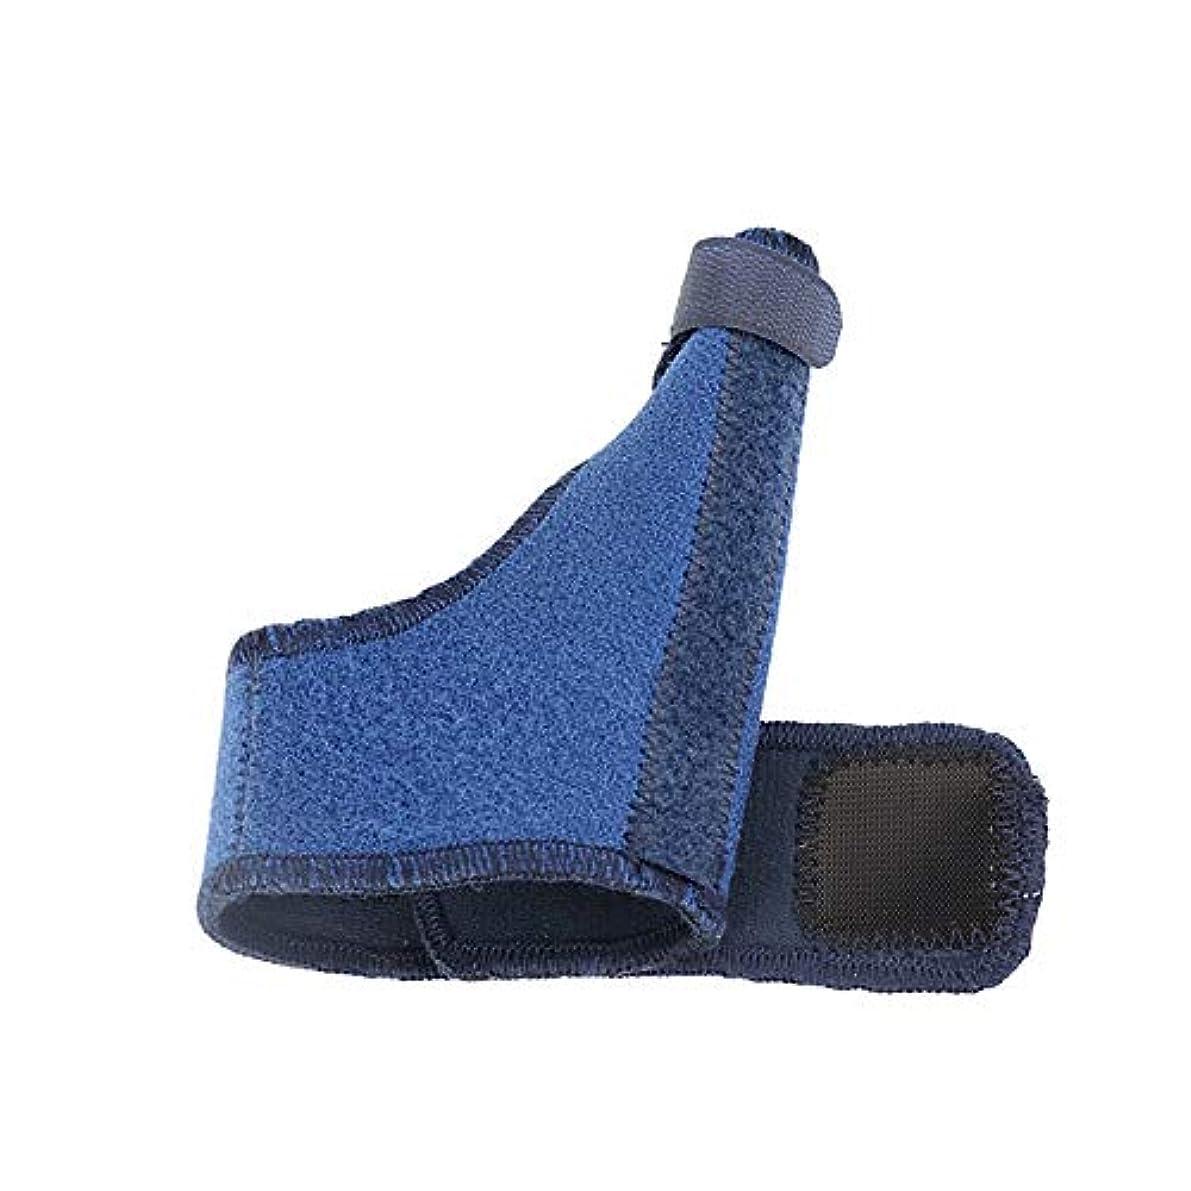 断言するヒープ準備ができてZYL-YL 手首カバー親指ジャケットスチールストリップ固定親指ストラップスポーツリストバンド手首のサポートフィンガースプリント (色 : 青, Edition : Right)